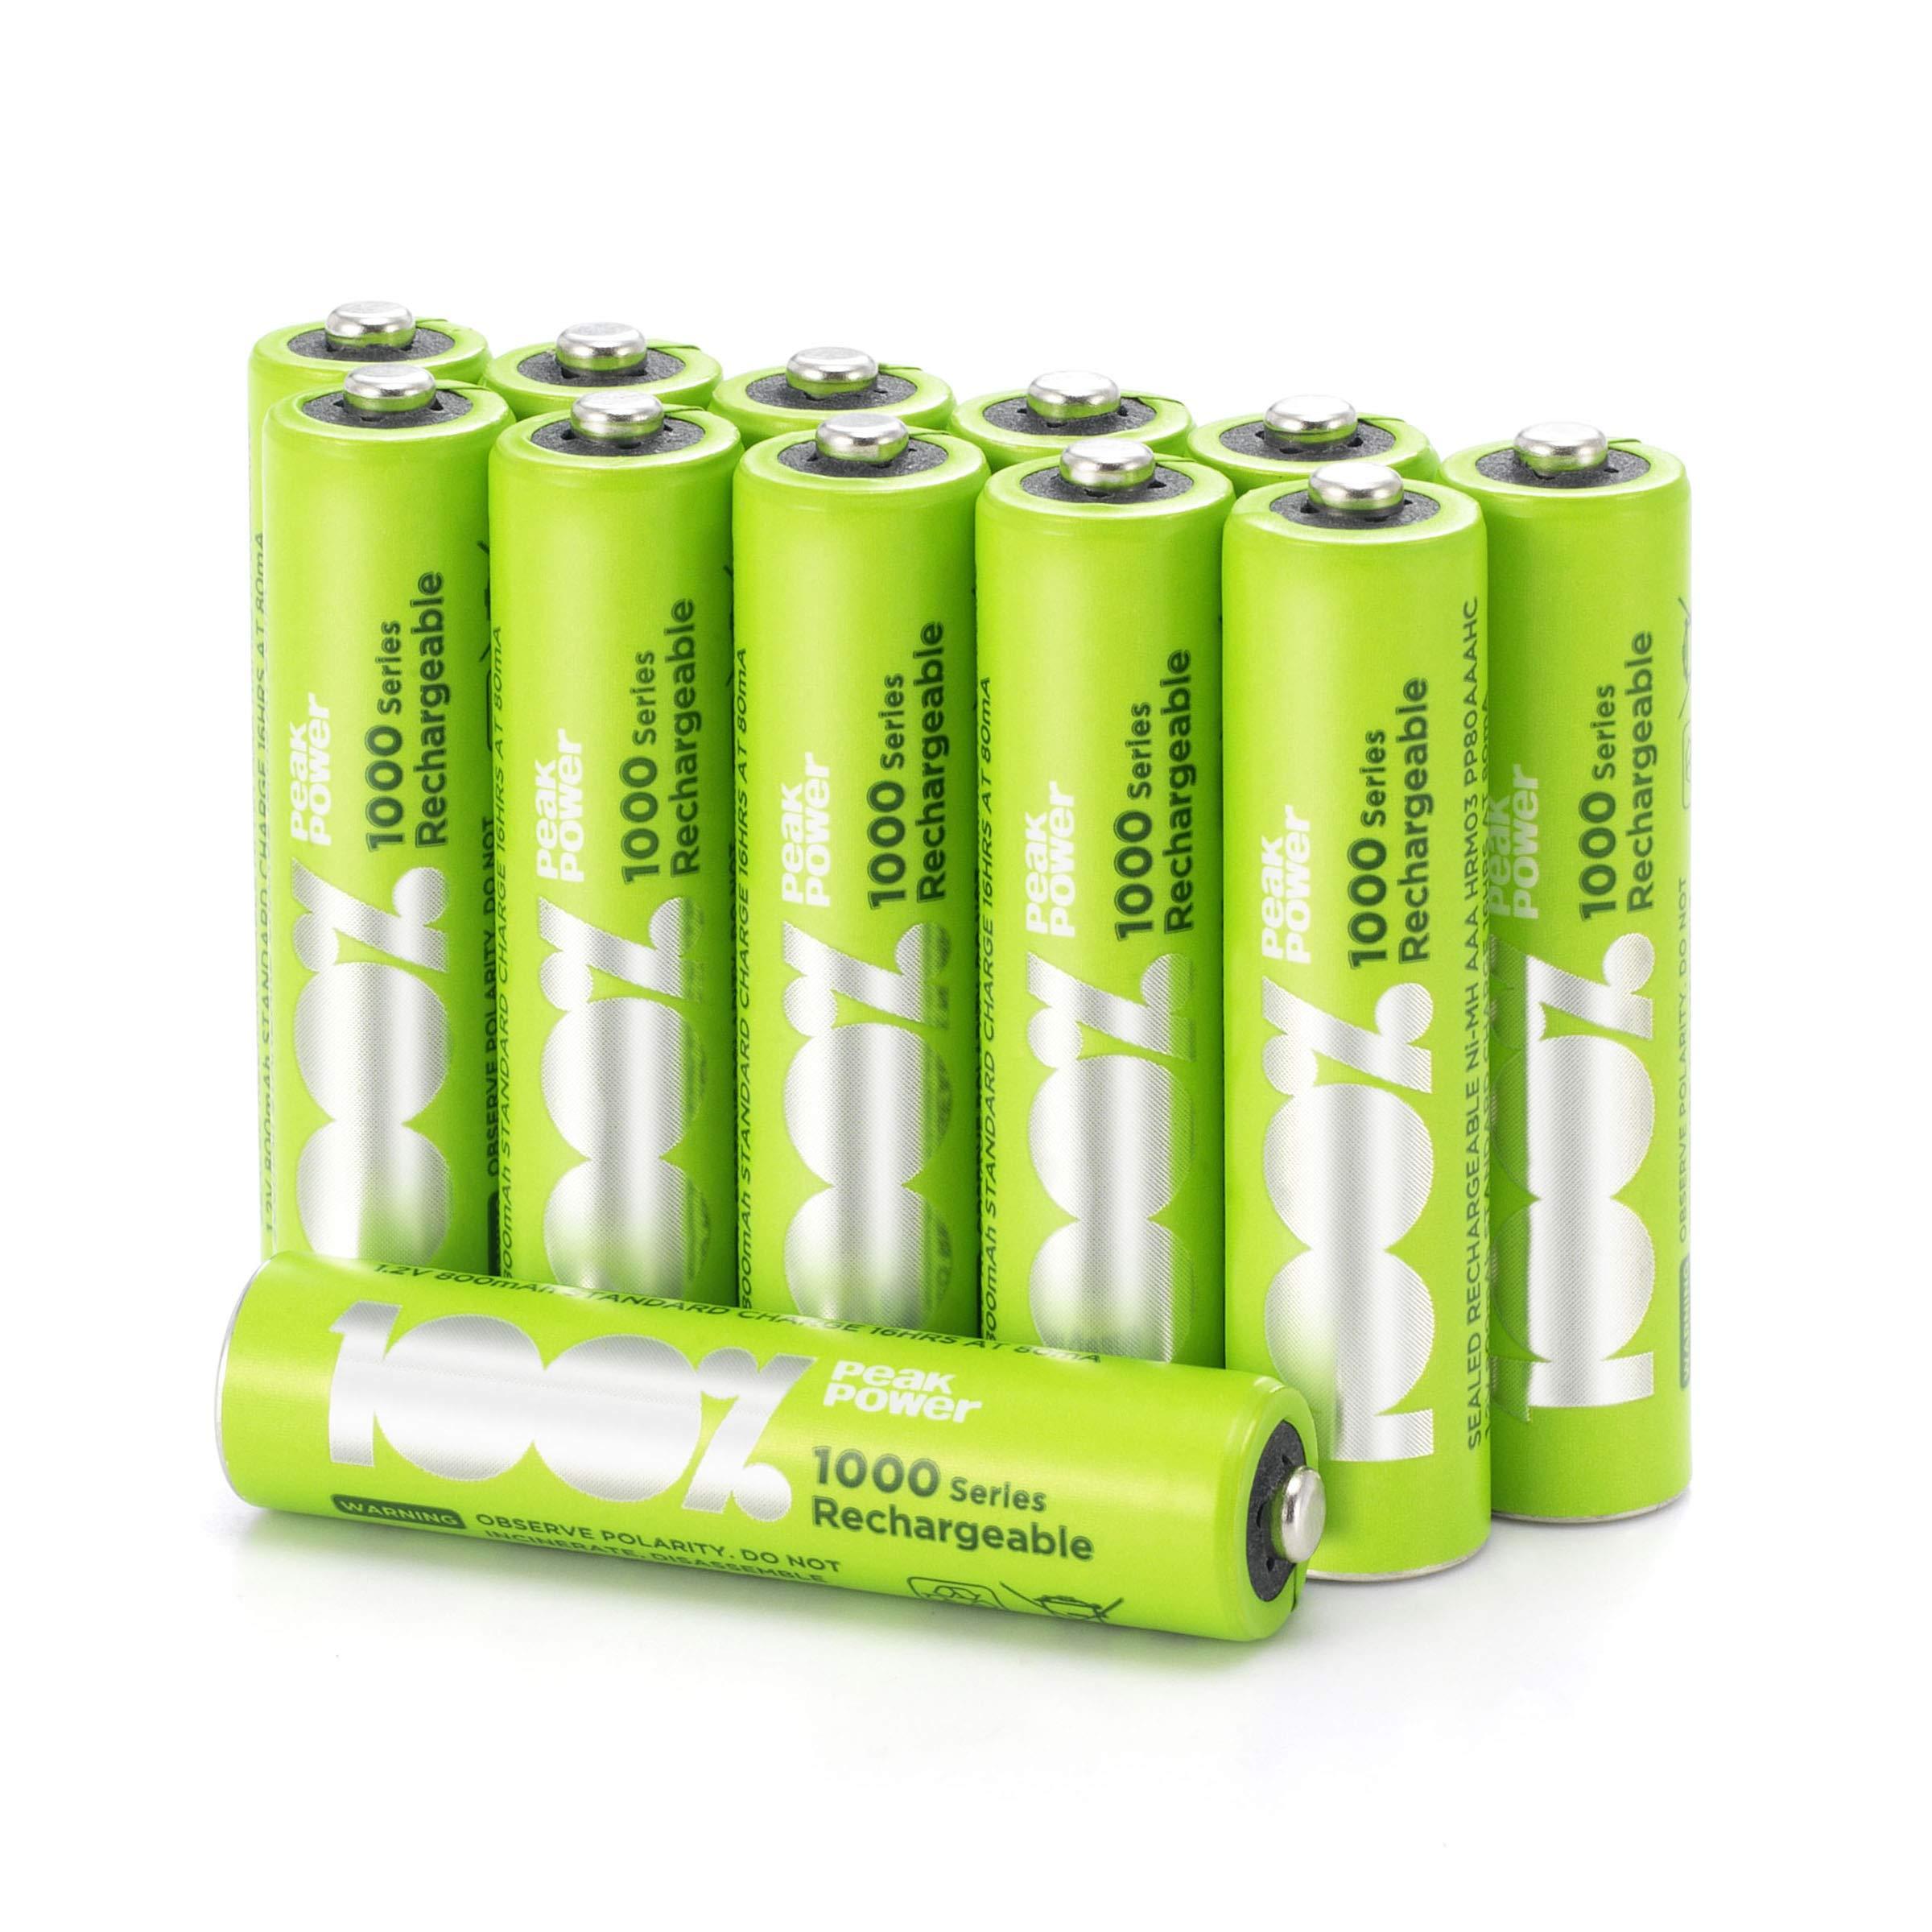 100% PeakPower 12 x Pilas Recargables AAA 1000 Series   Capacidad mínima Garantizada 800 mAh NiMH   Pilas AA Recargables Que Vienen precargadas Listas para Usar   Bajo Nivel de autodescarga: Amazon.es: Electrónica